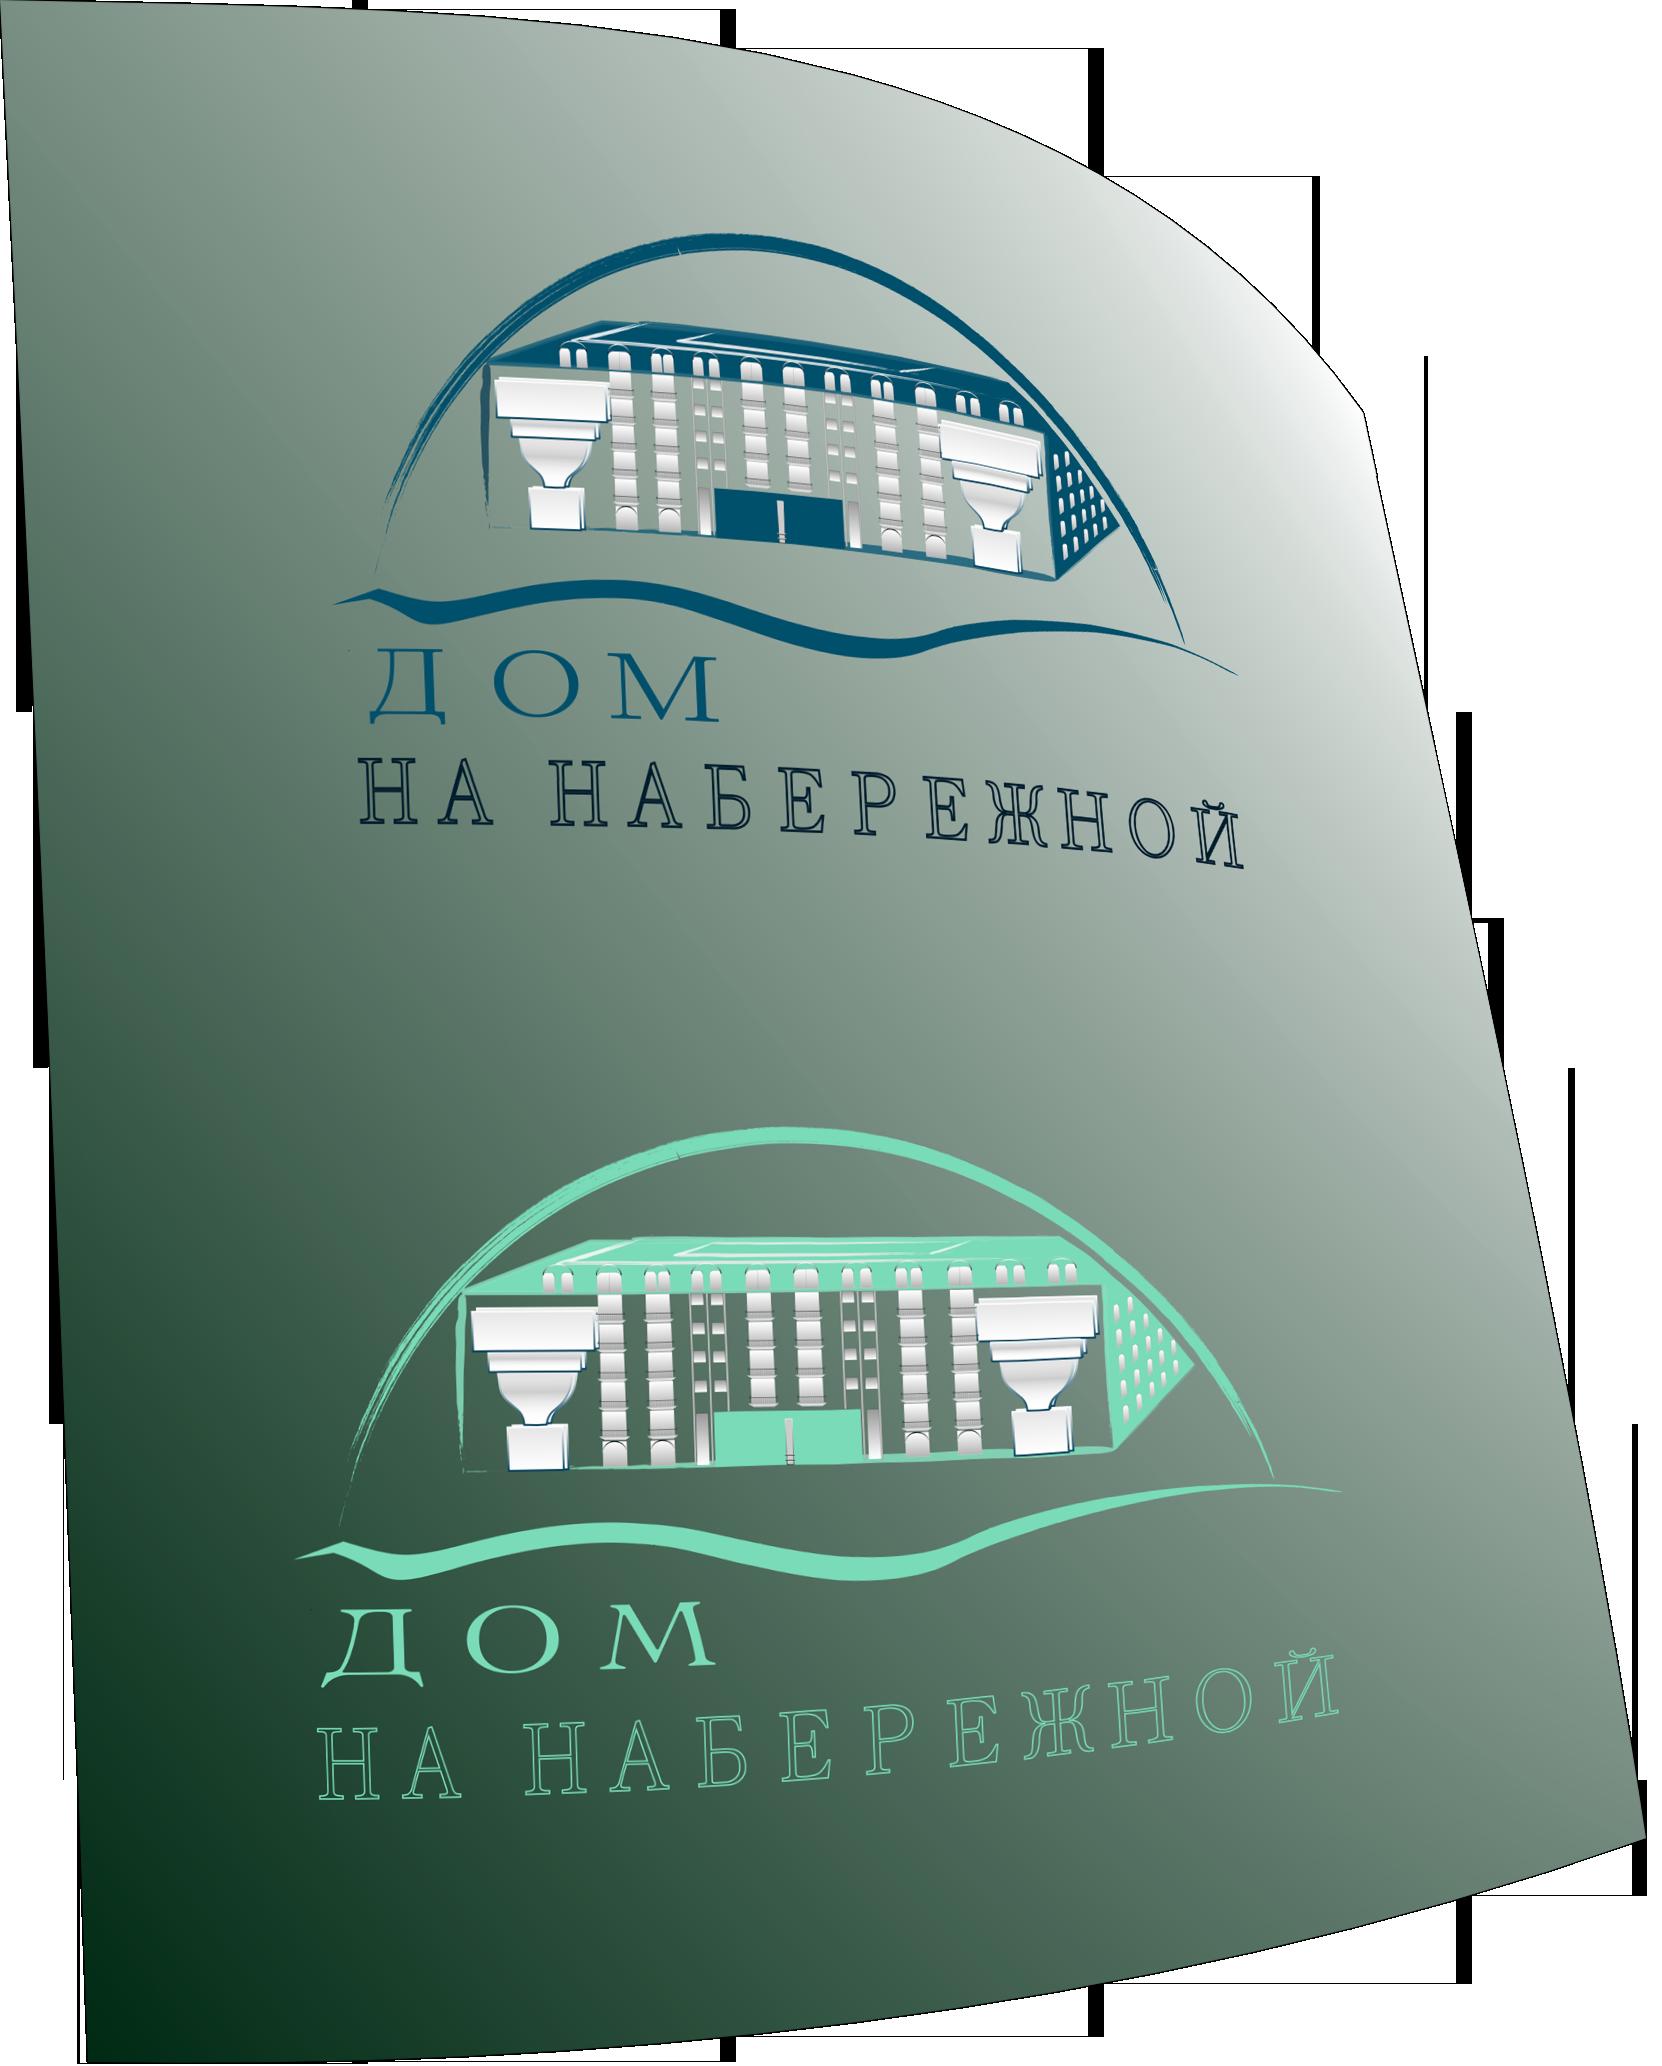 РАЗРАБОТКА логотипа для ЖИЛОГО КОМПЛЕКСА премиум В АНАПЕ.  фото f_7335dee36cfc5e3c.png